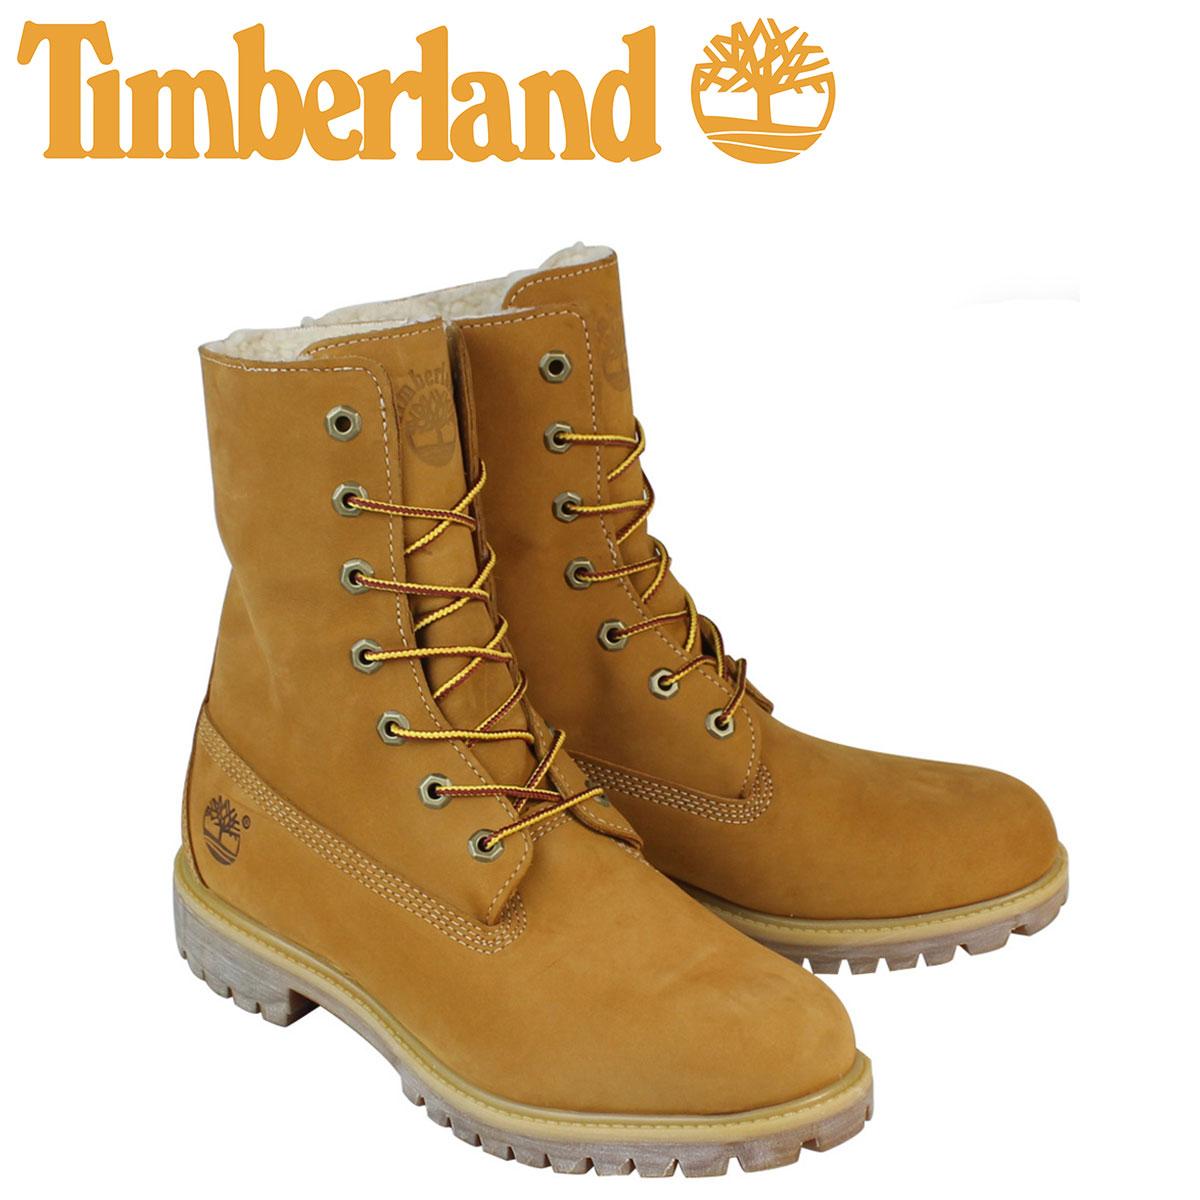 Timberland ティンバーランド HERITAGE FOLD-DOWN WARM FLEECE LINED BOOT ブーツ ヘリテージ フォルドダウン フリース ライン A118C ウィート メンズ